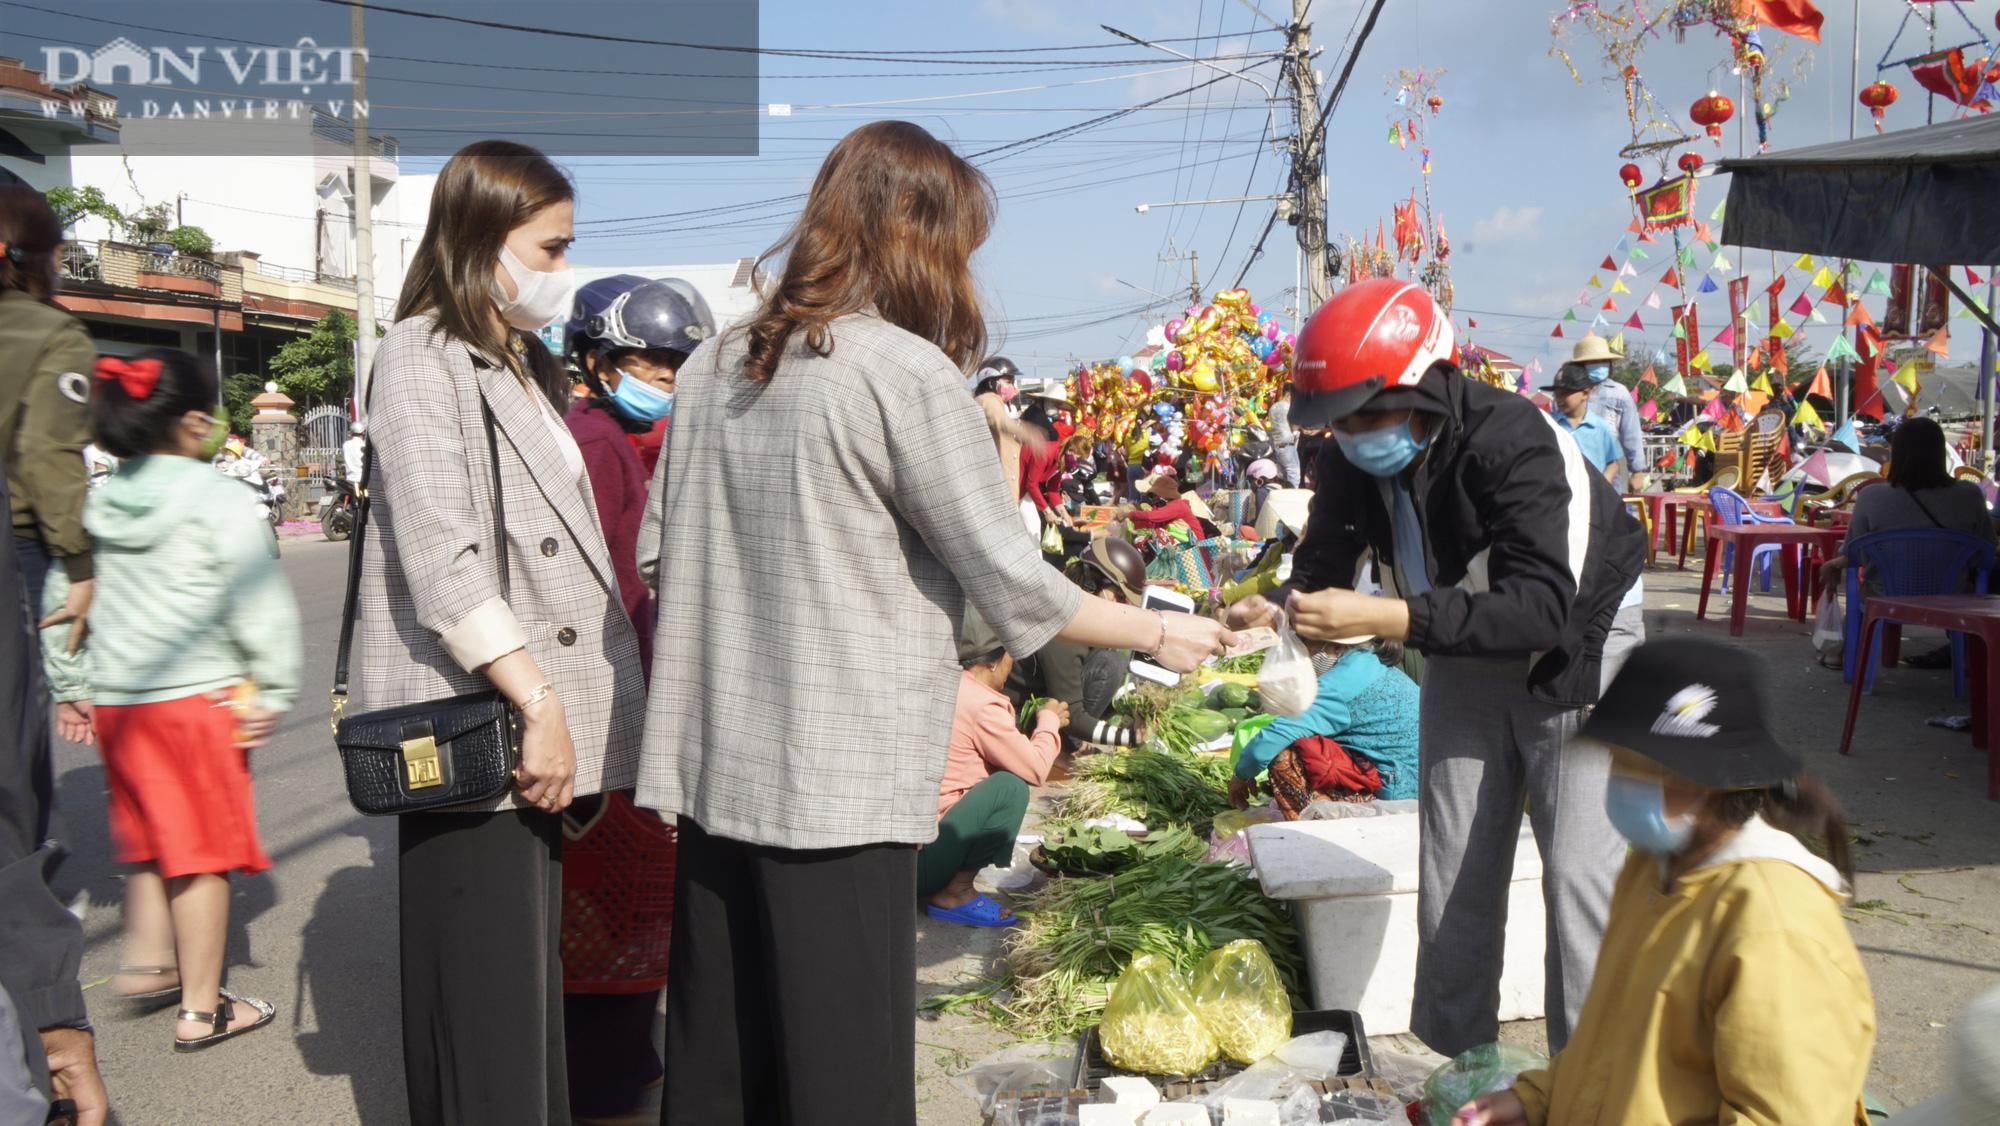 """Phiên chợ """"hiếm thấy"""" ít người biết ở Bình Định, mỗi năm chỉ họp duy nhất 1 lần - Ảnh 3."""